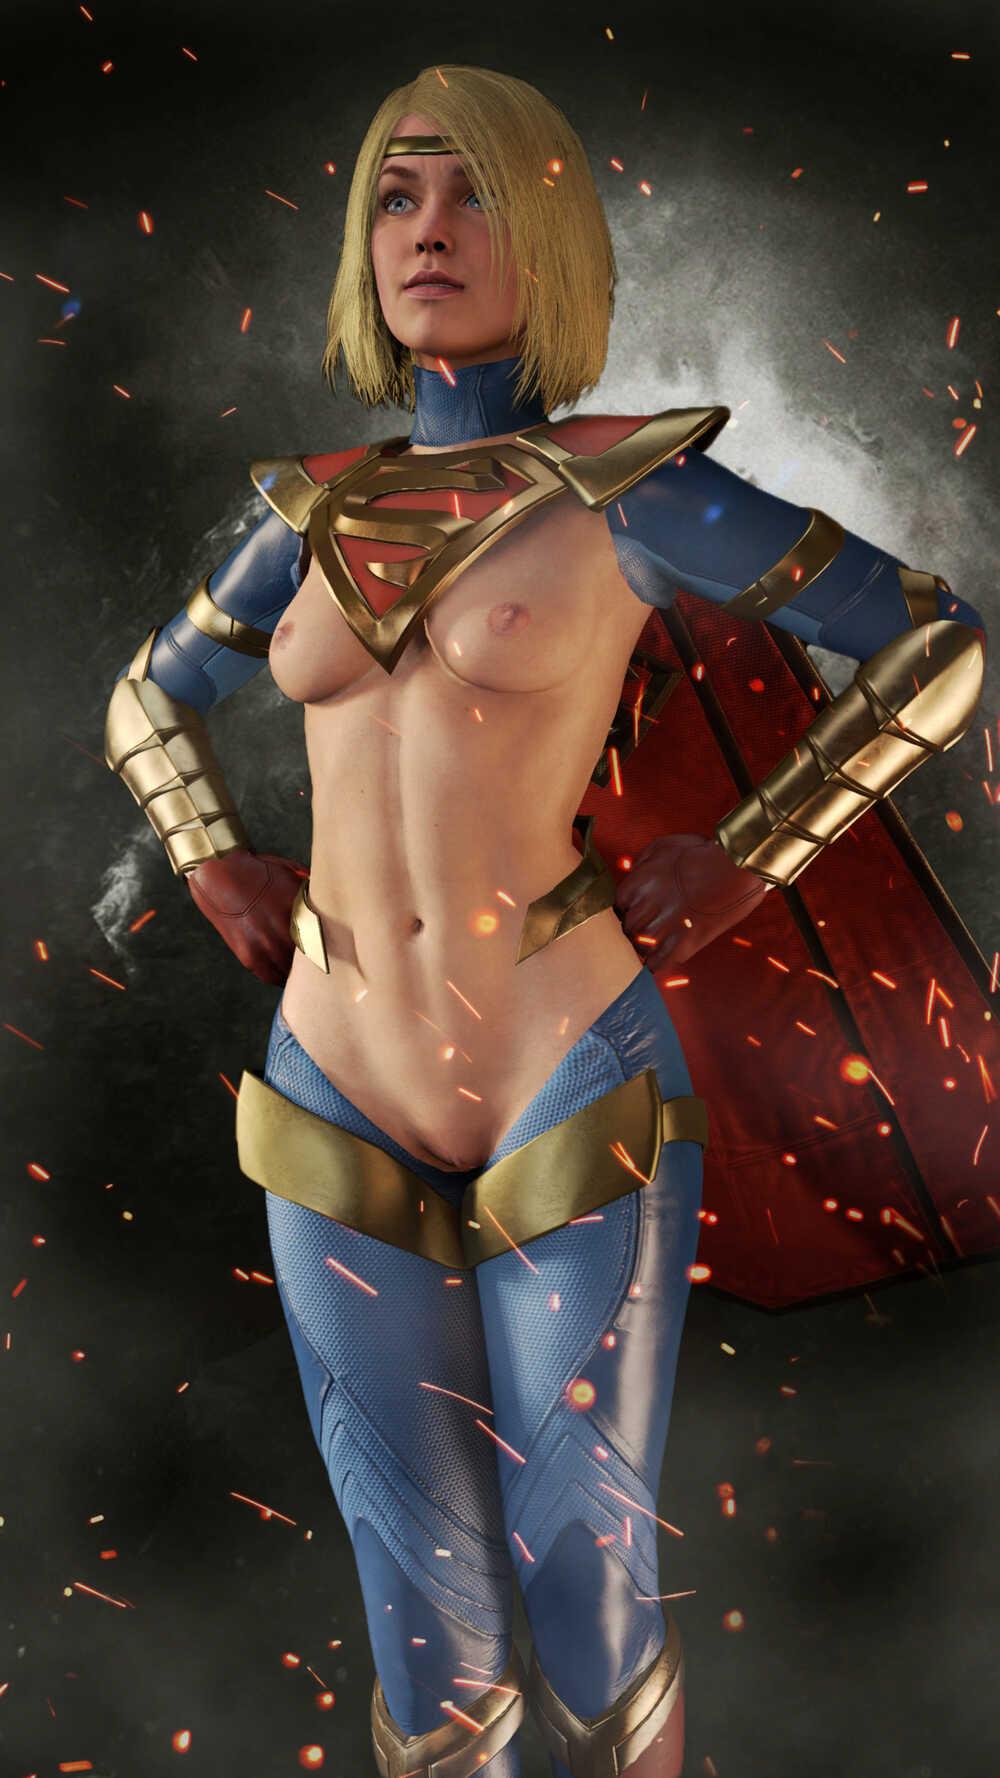 Supergirl naked Supergirl